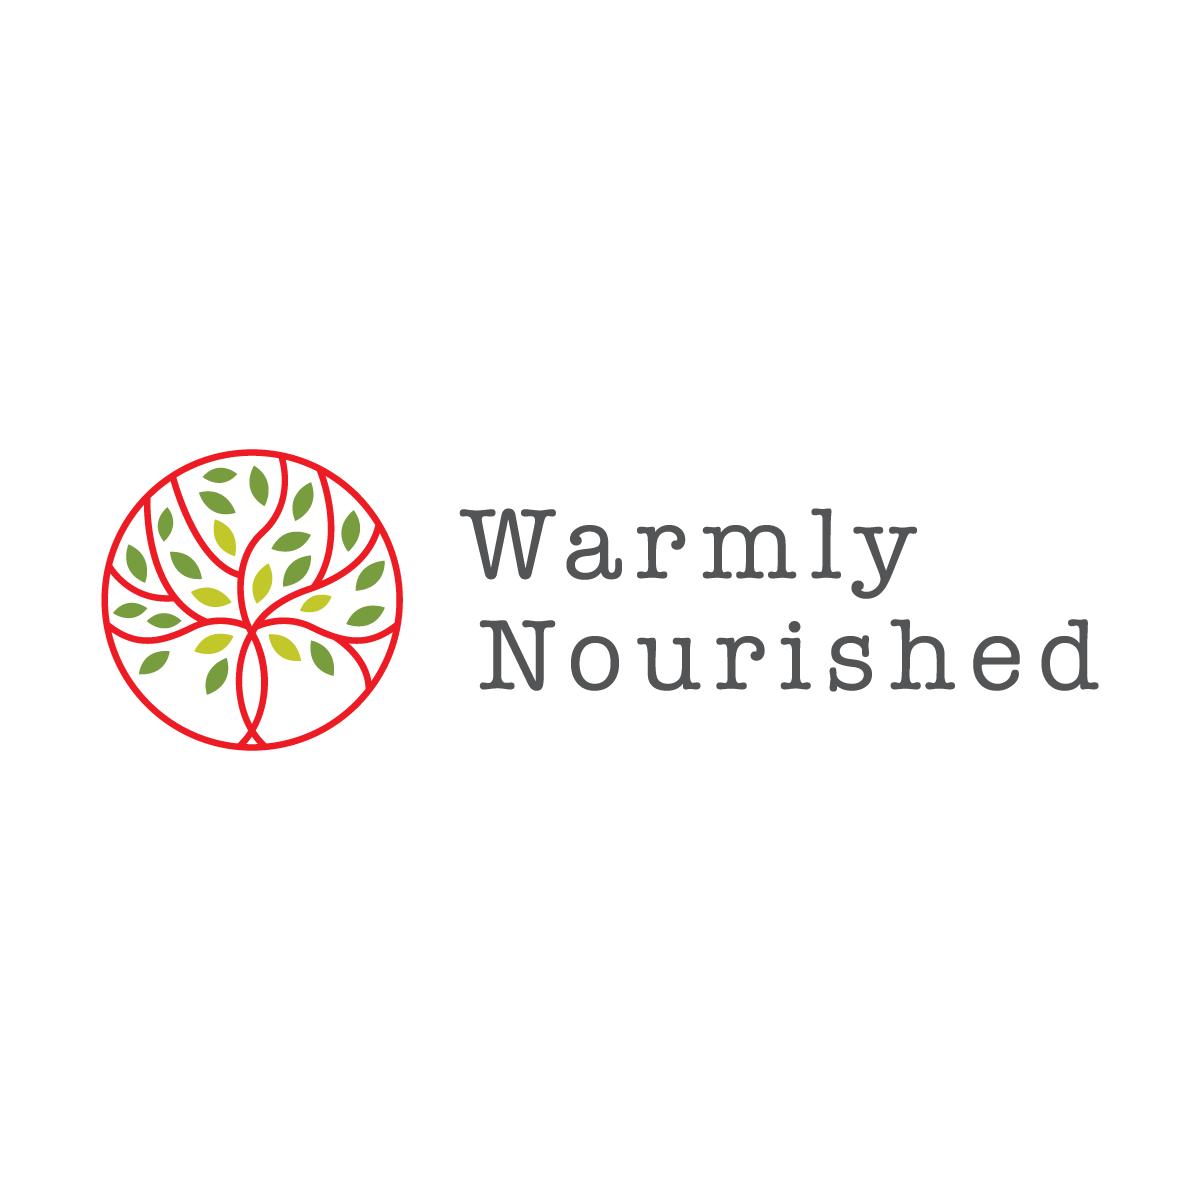 Warmly Nourished